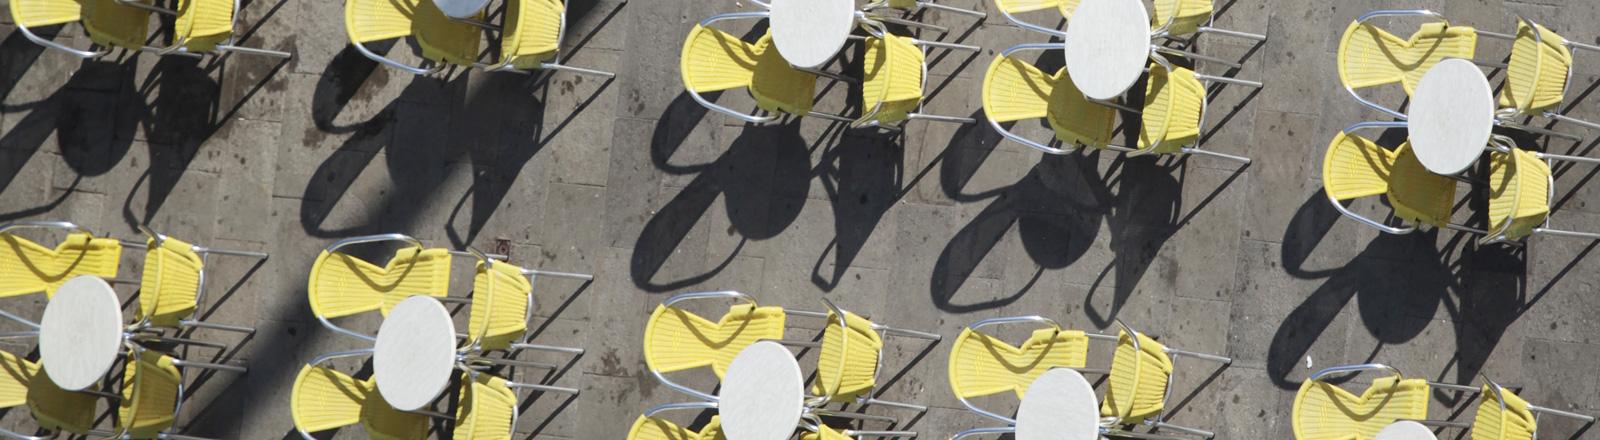 Blick aus der Vogelperspektive: Auf einem Platz stehen runde Tische mit jeweils vier Stühlen. Alle sind leer.